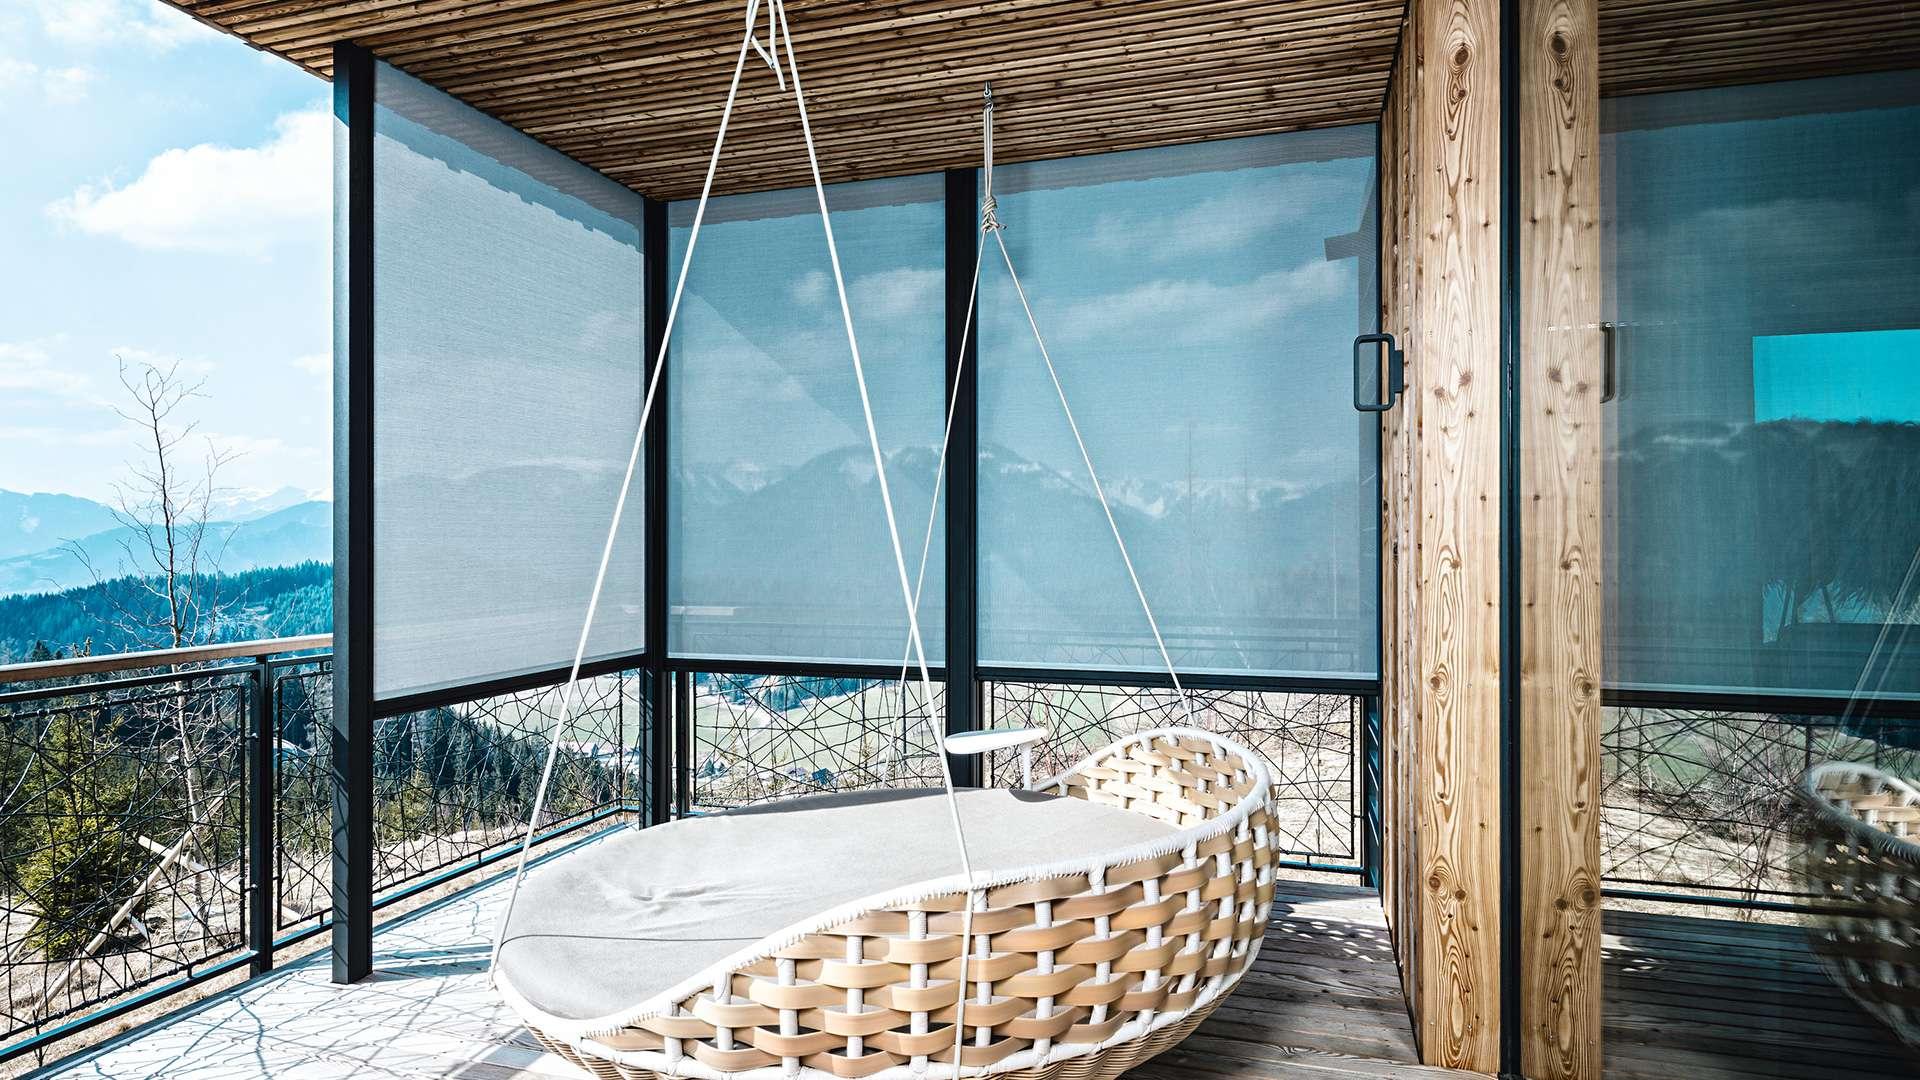 Terrasse mit Textilscreens um die Schaukel